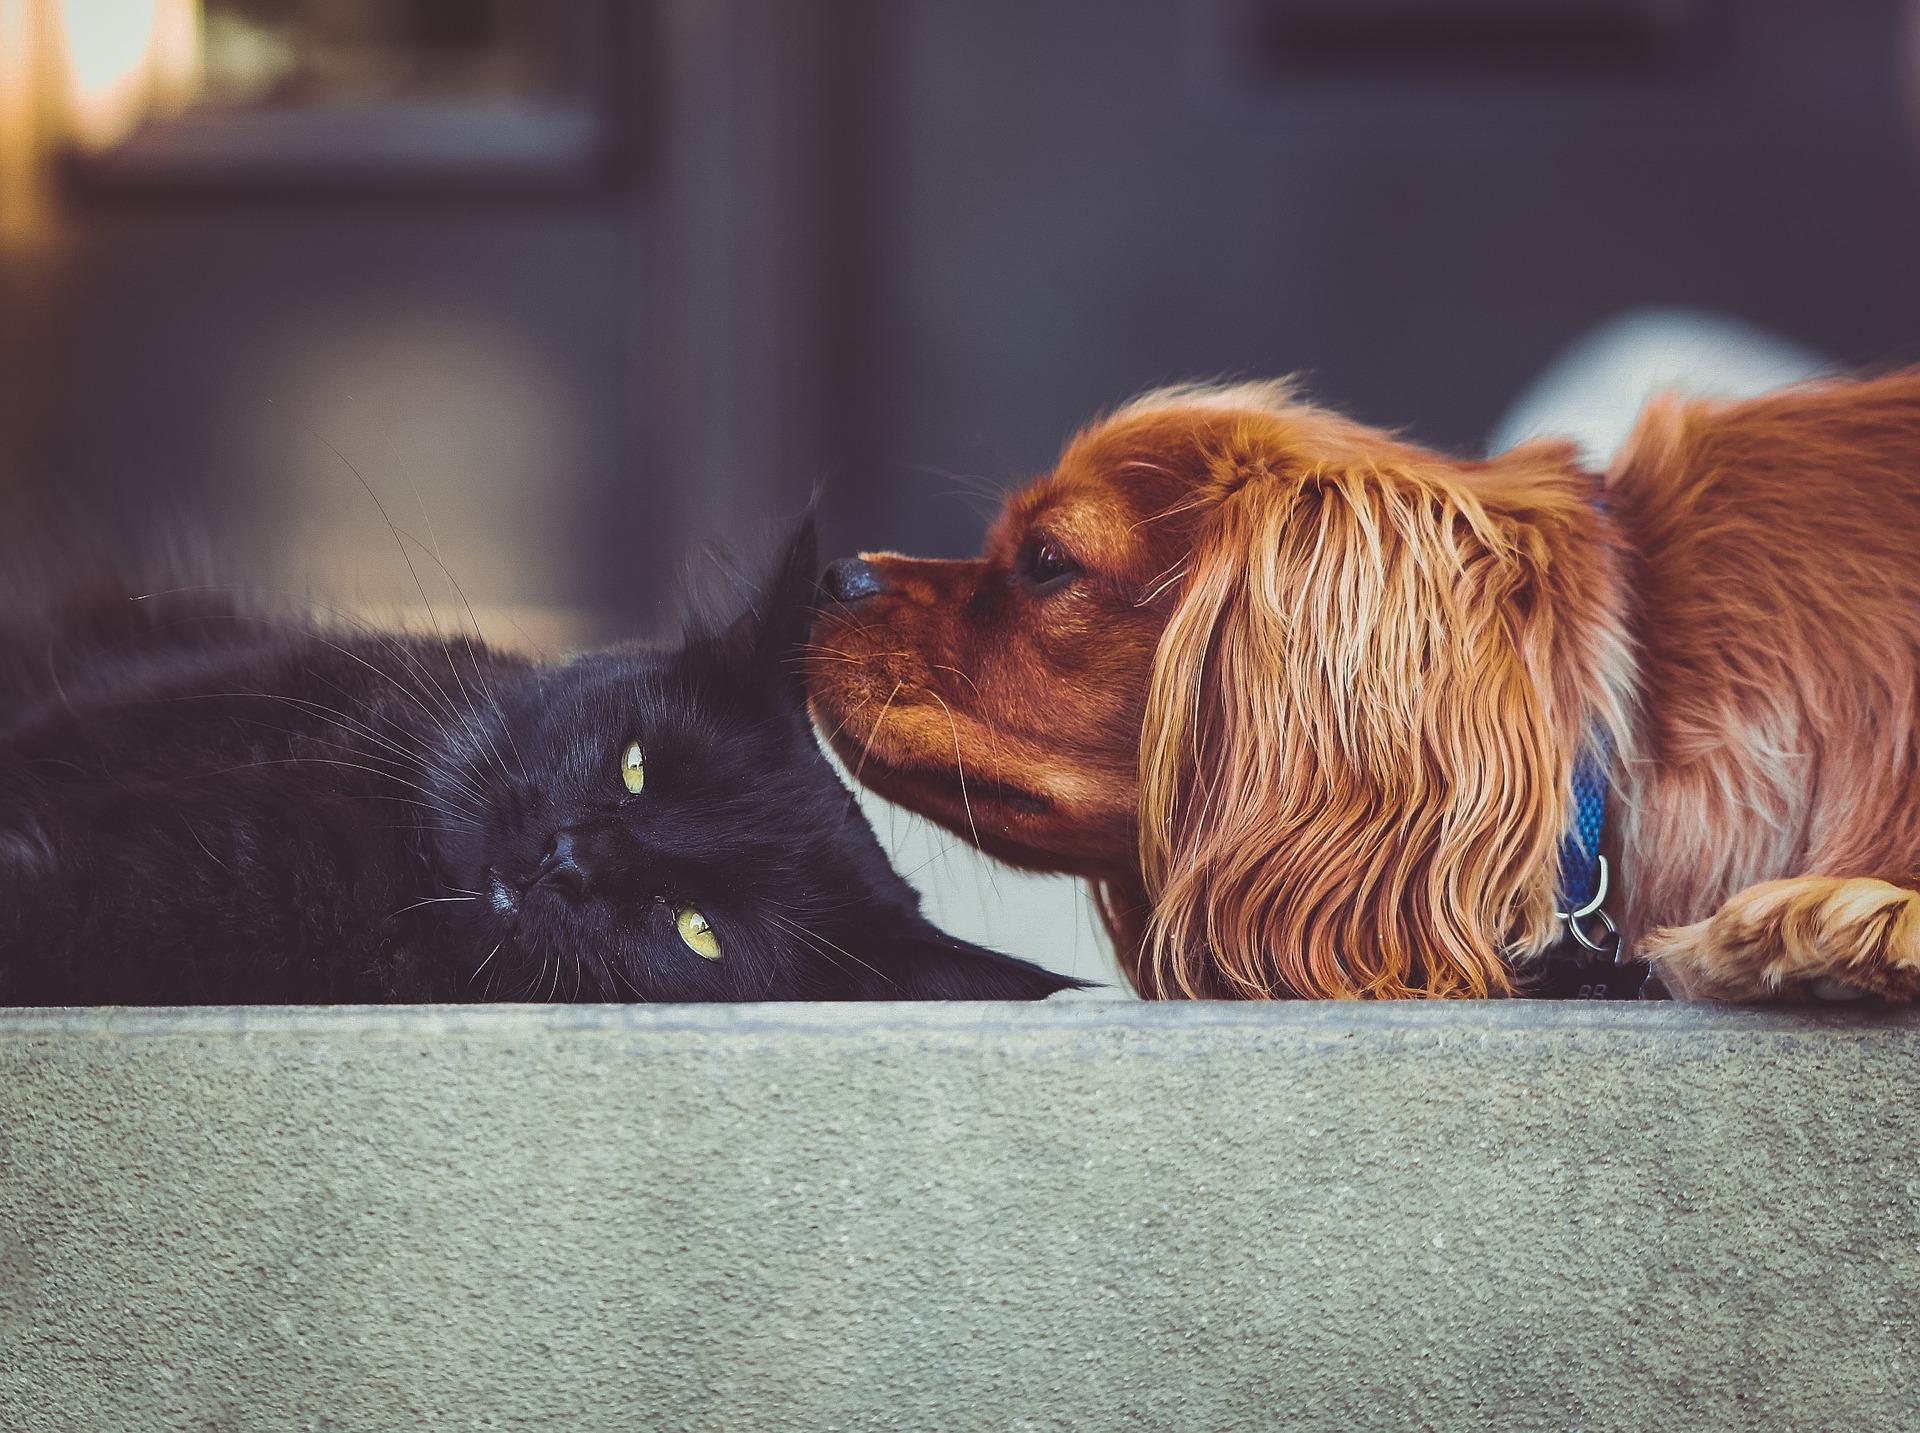 hund und katze aneinander gewöhnen, hundeerziehung